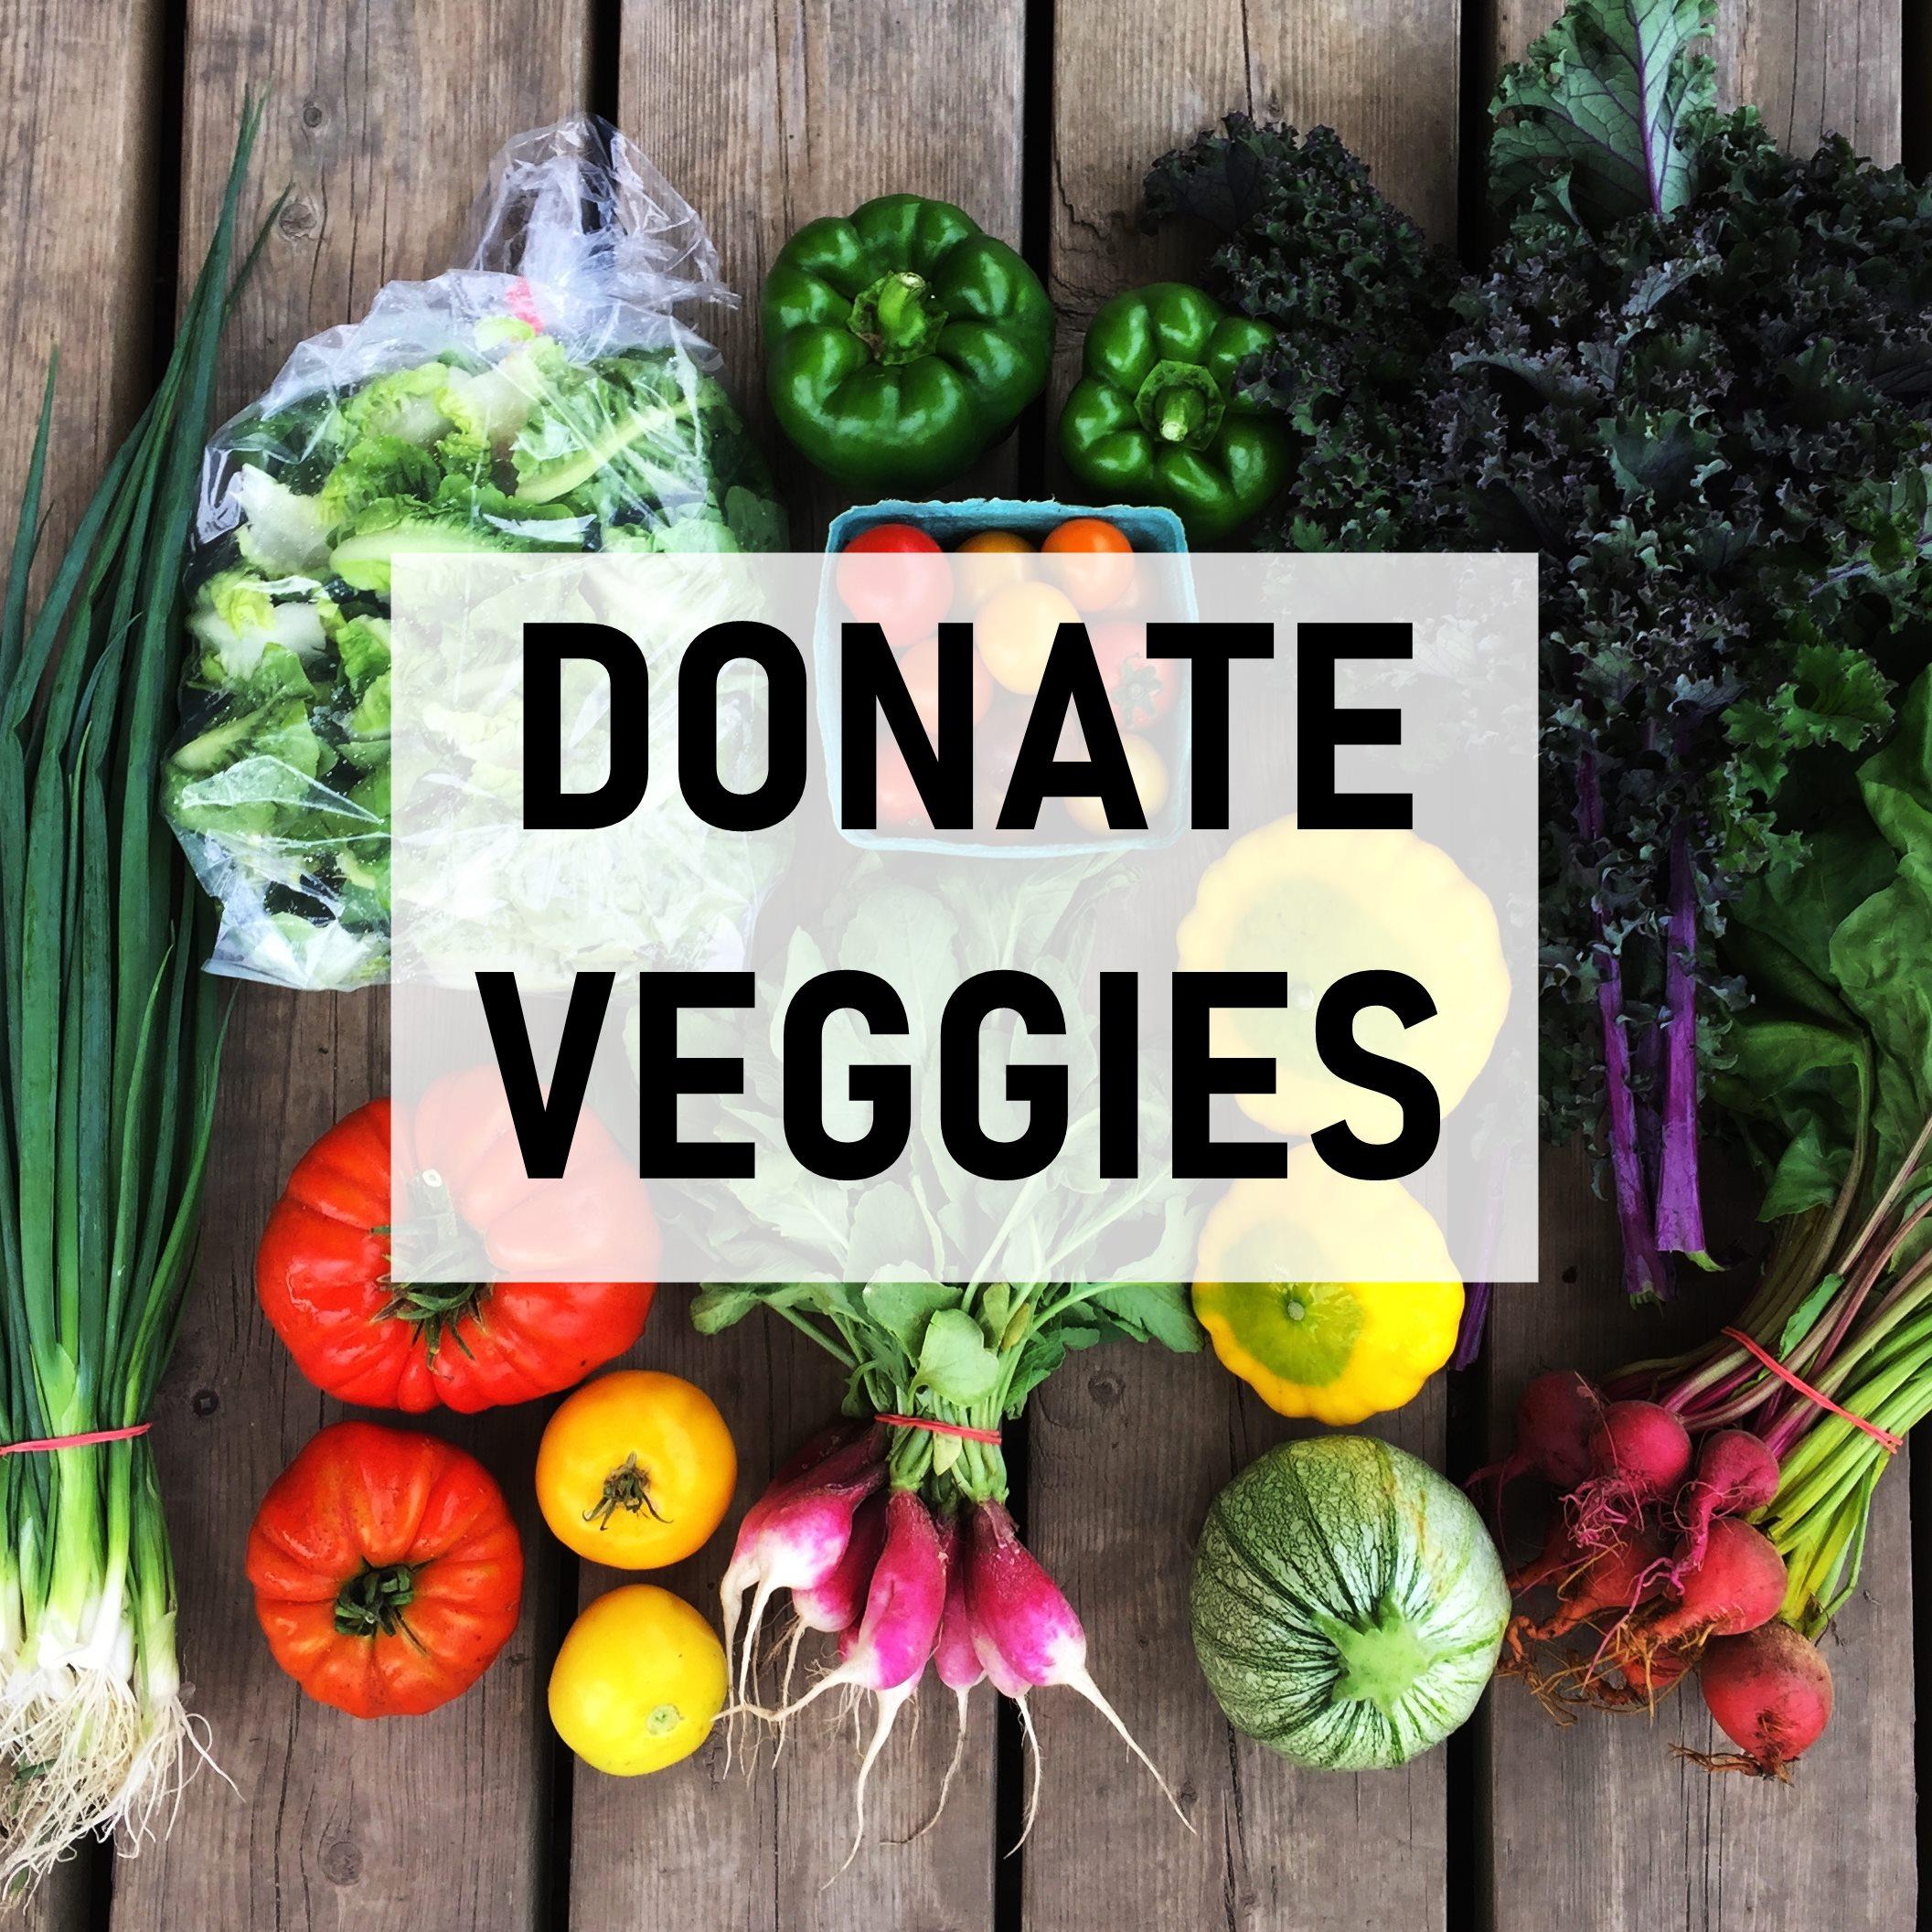 Share Veggies Donation